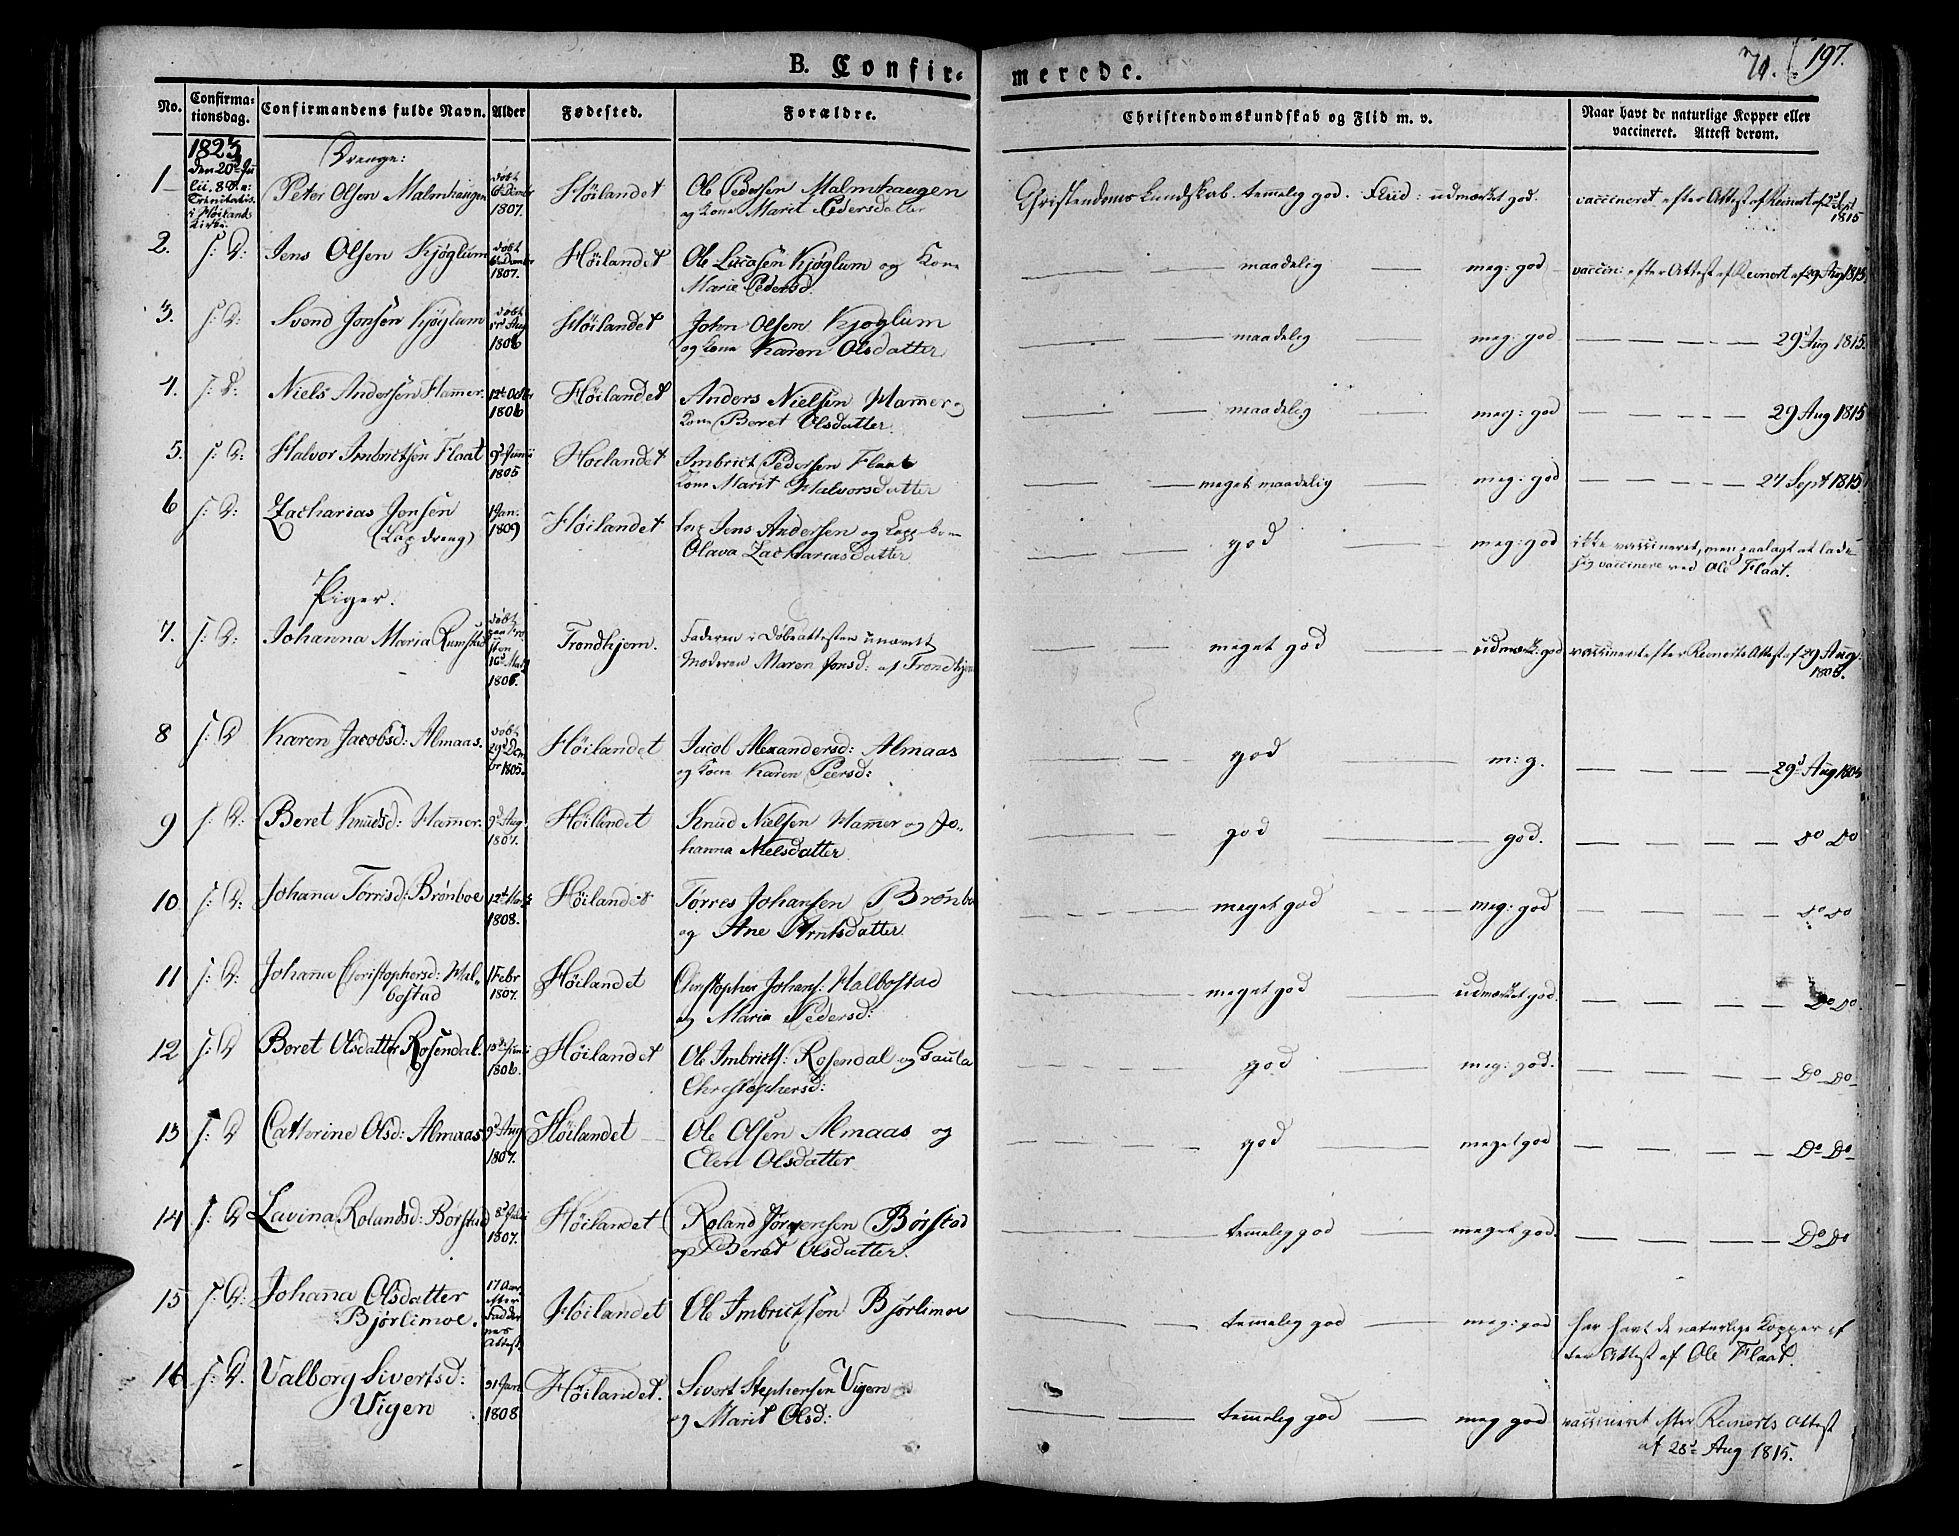 SAT, Ministerialprotokoller, klokkerbøker og fødselsregistre - Nord-Trøndelag, 758/L0510: Ministerialbok nr. 758A01 /1, 1821-1841, s. 71